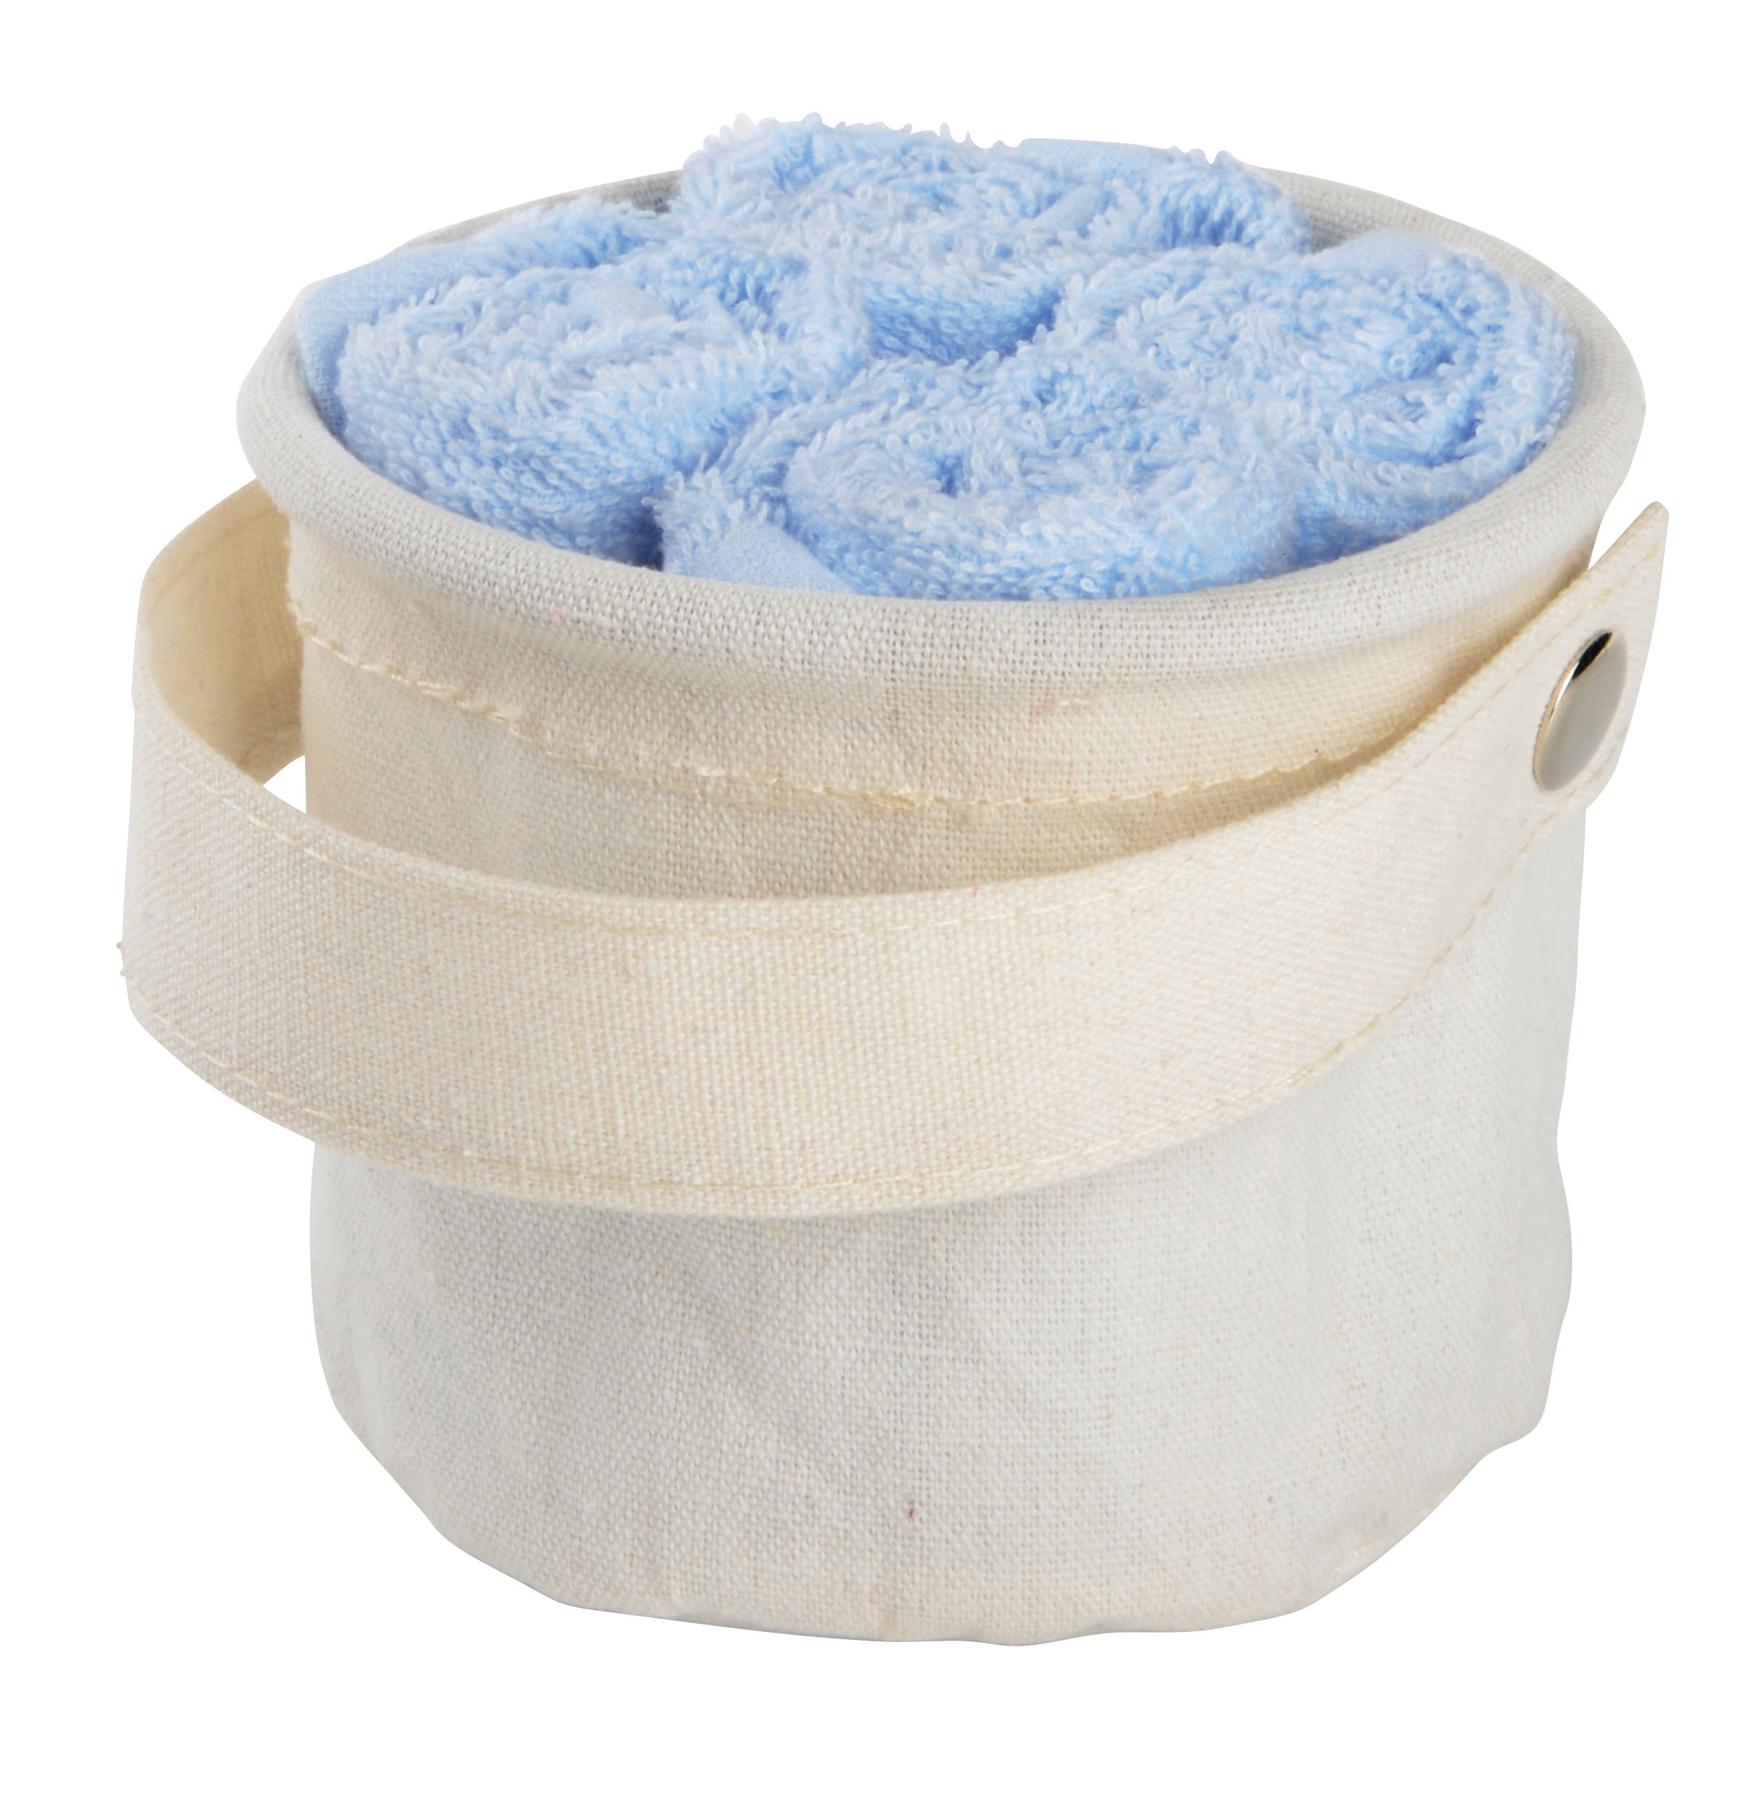 Zestaw ręczników DRY OFF, jasnoniebieski